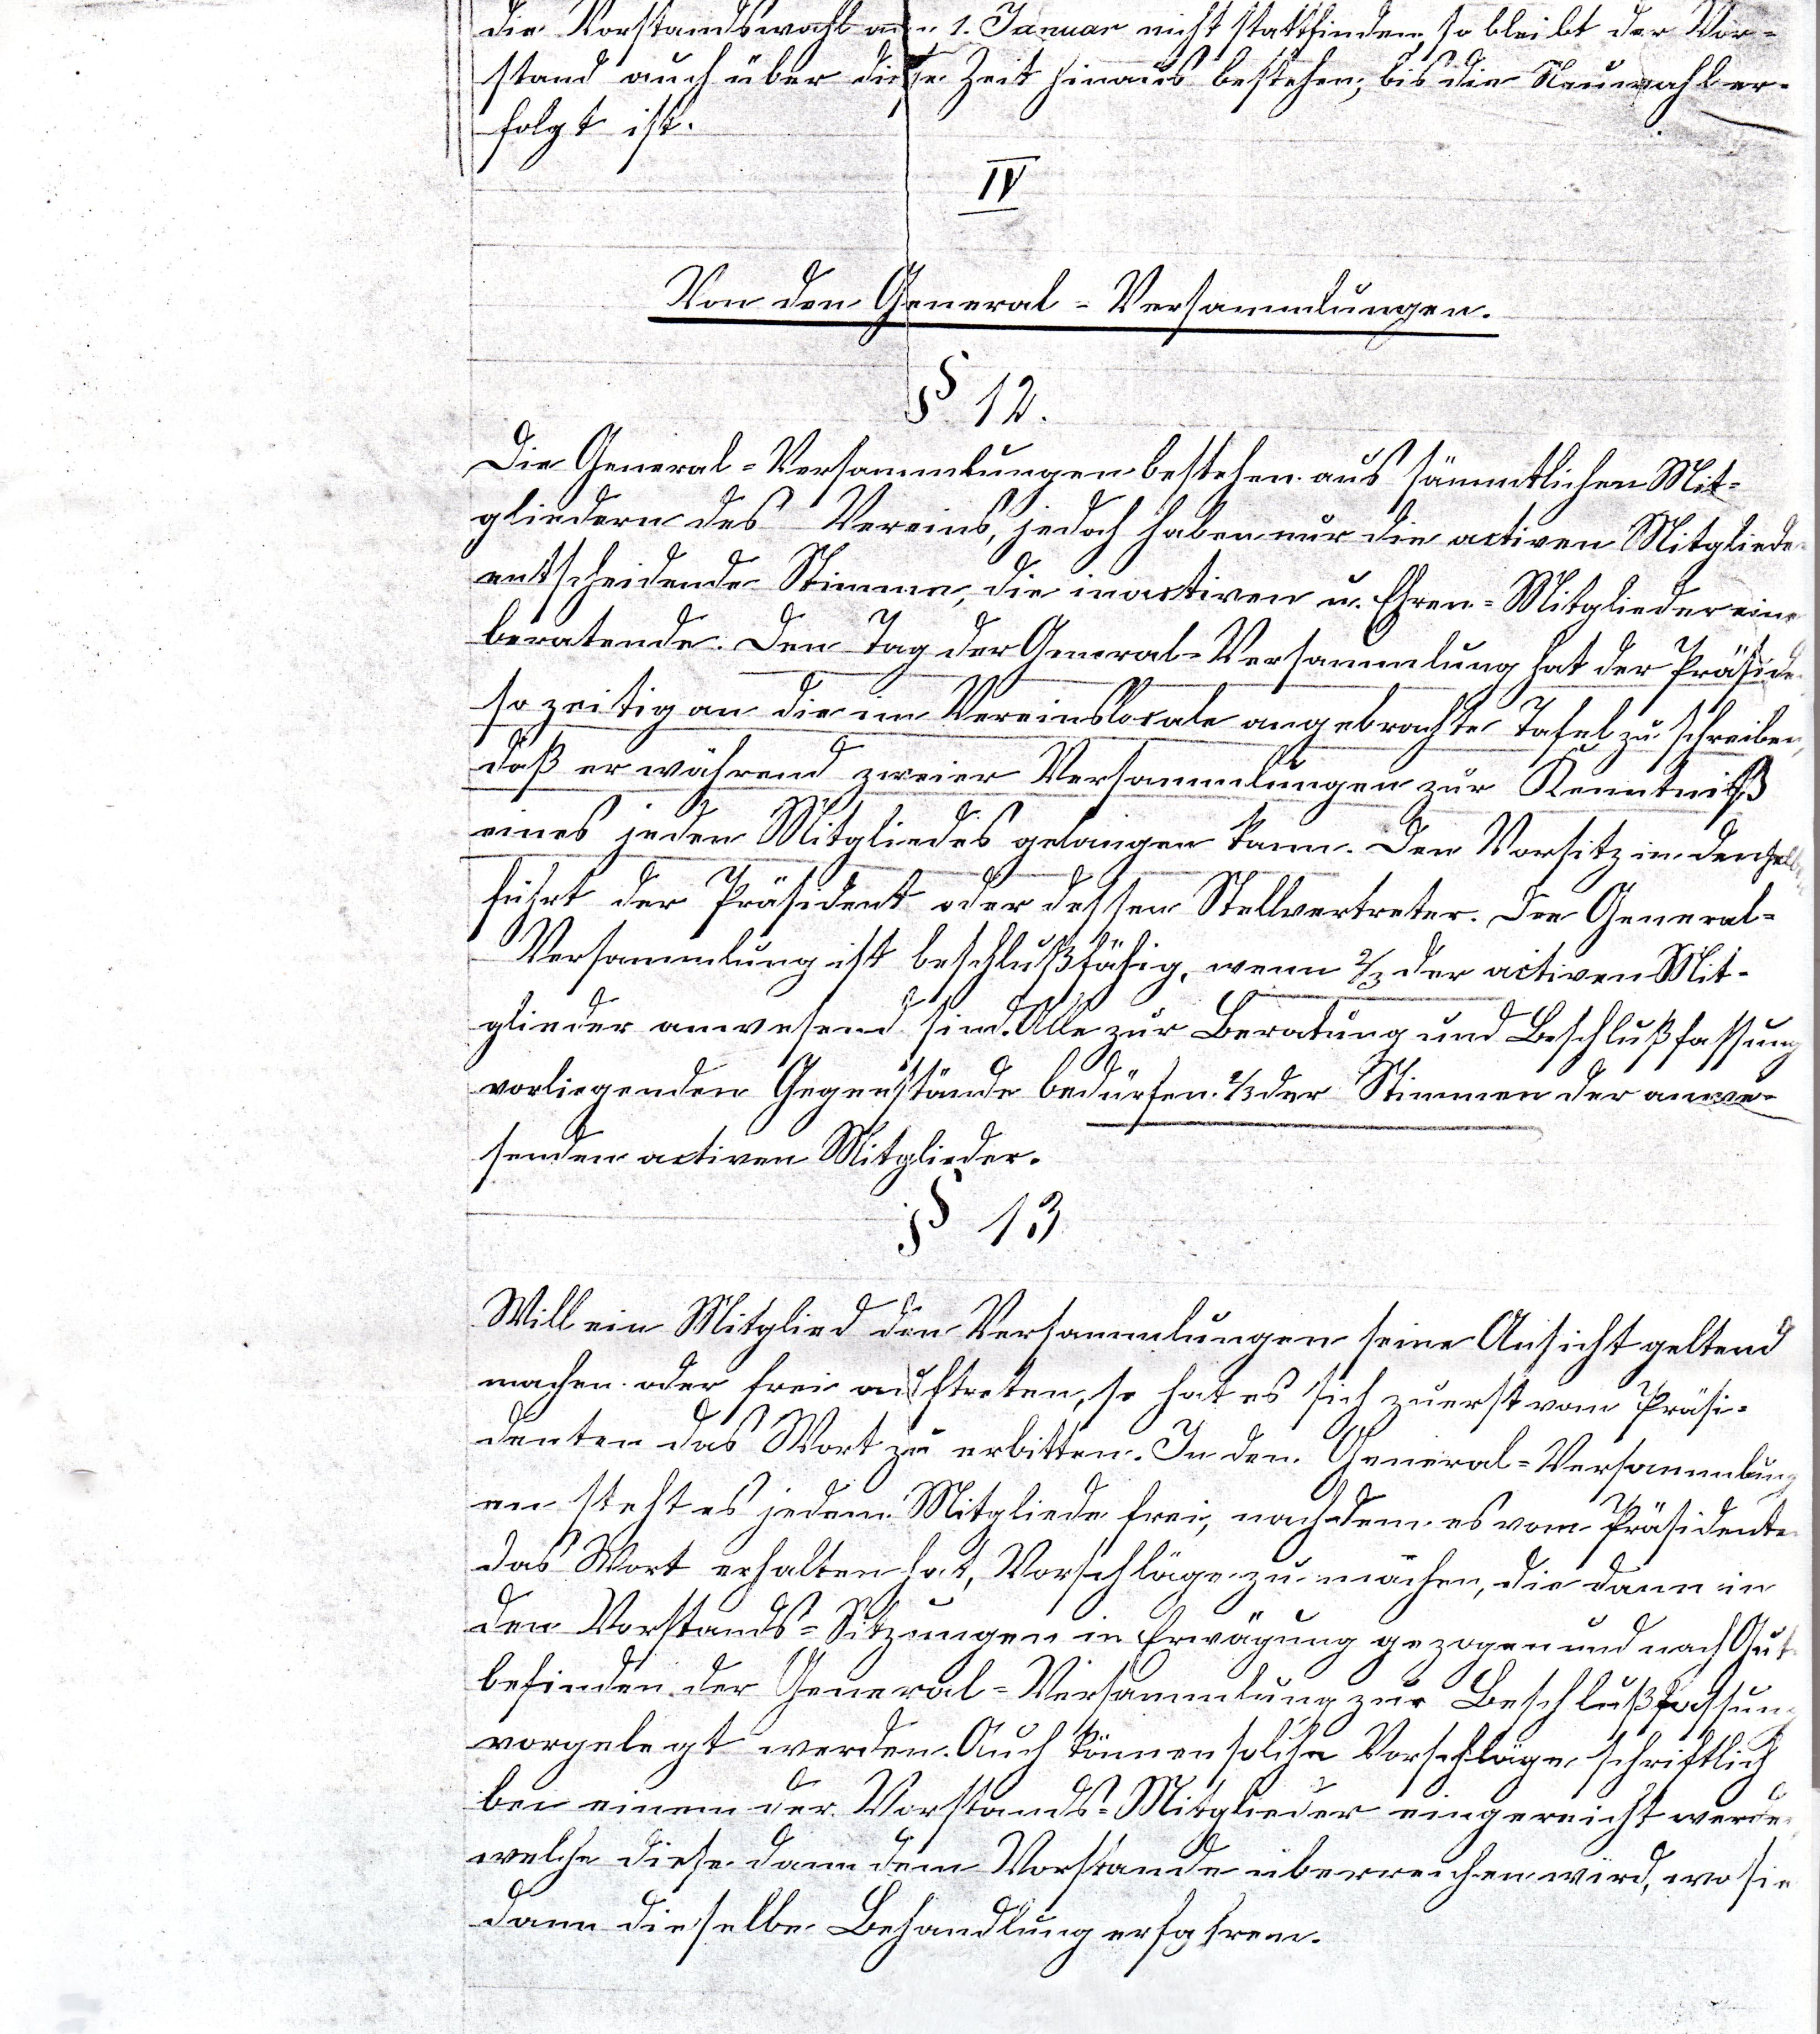 Statuten 1882 Bl. 3/1